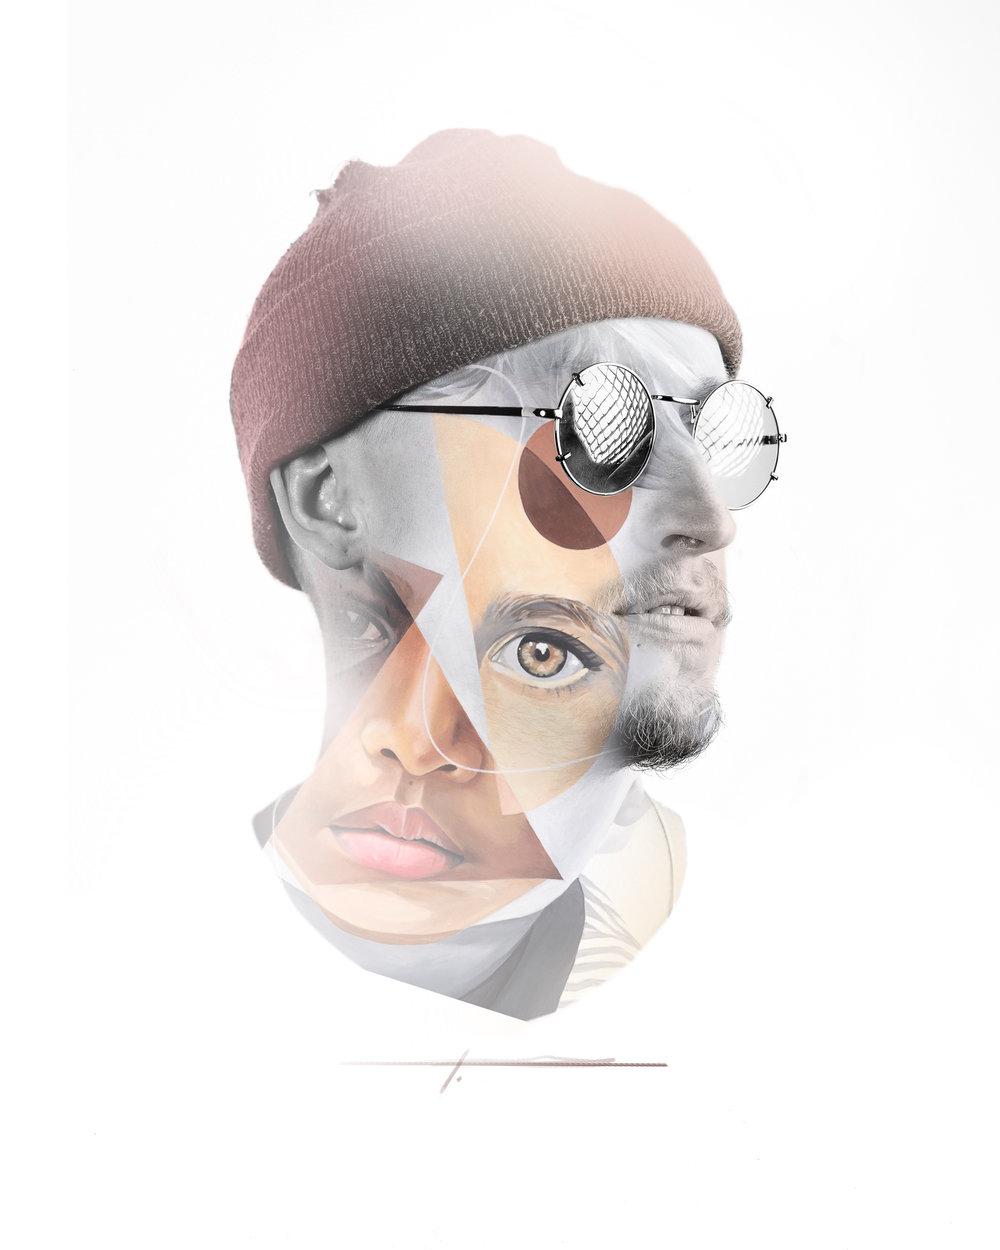 MISC + Album Art (14 of 15).jpg